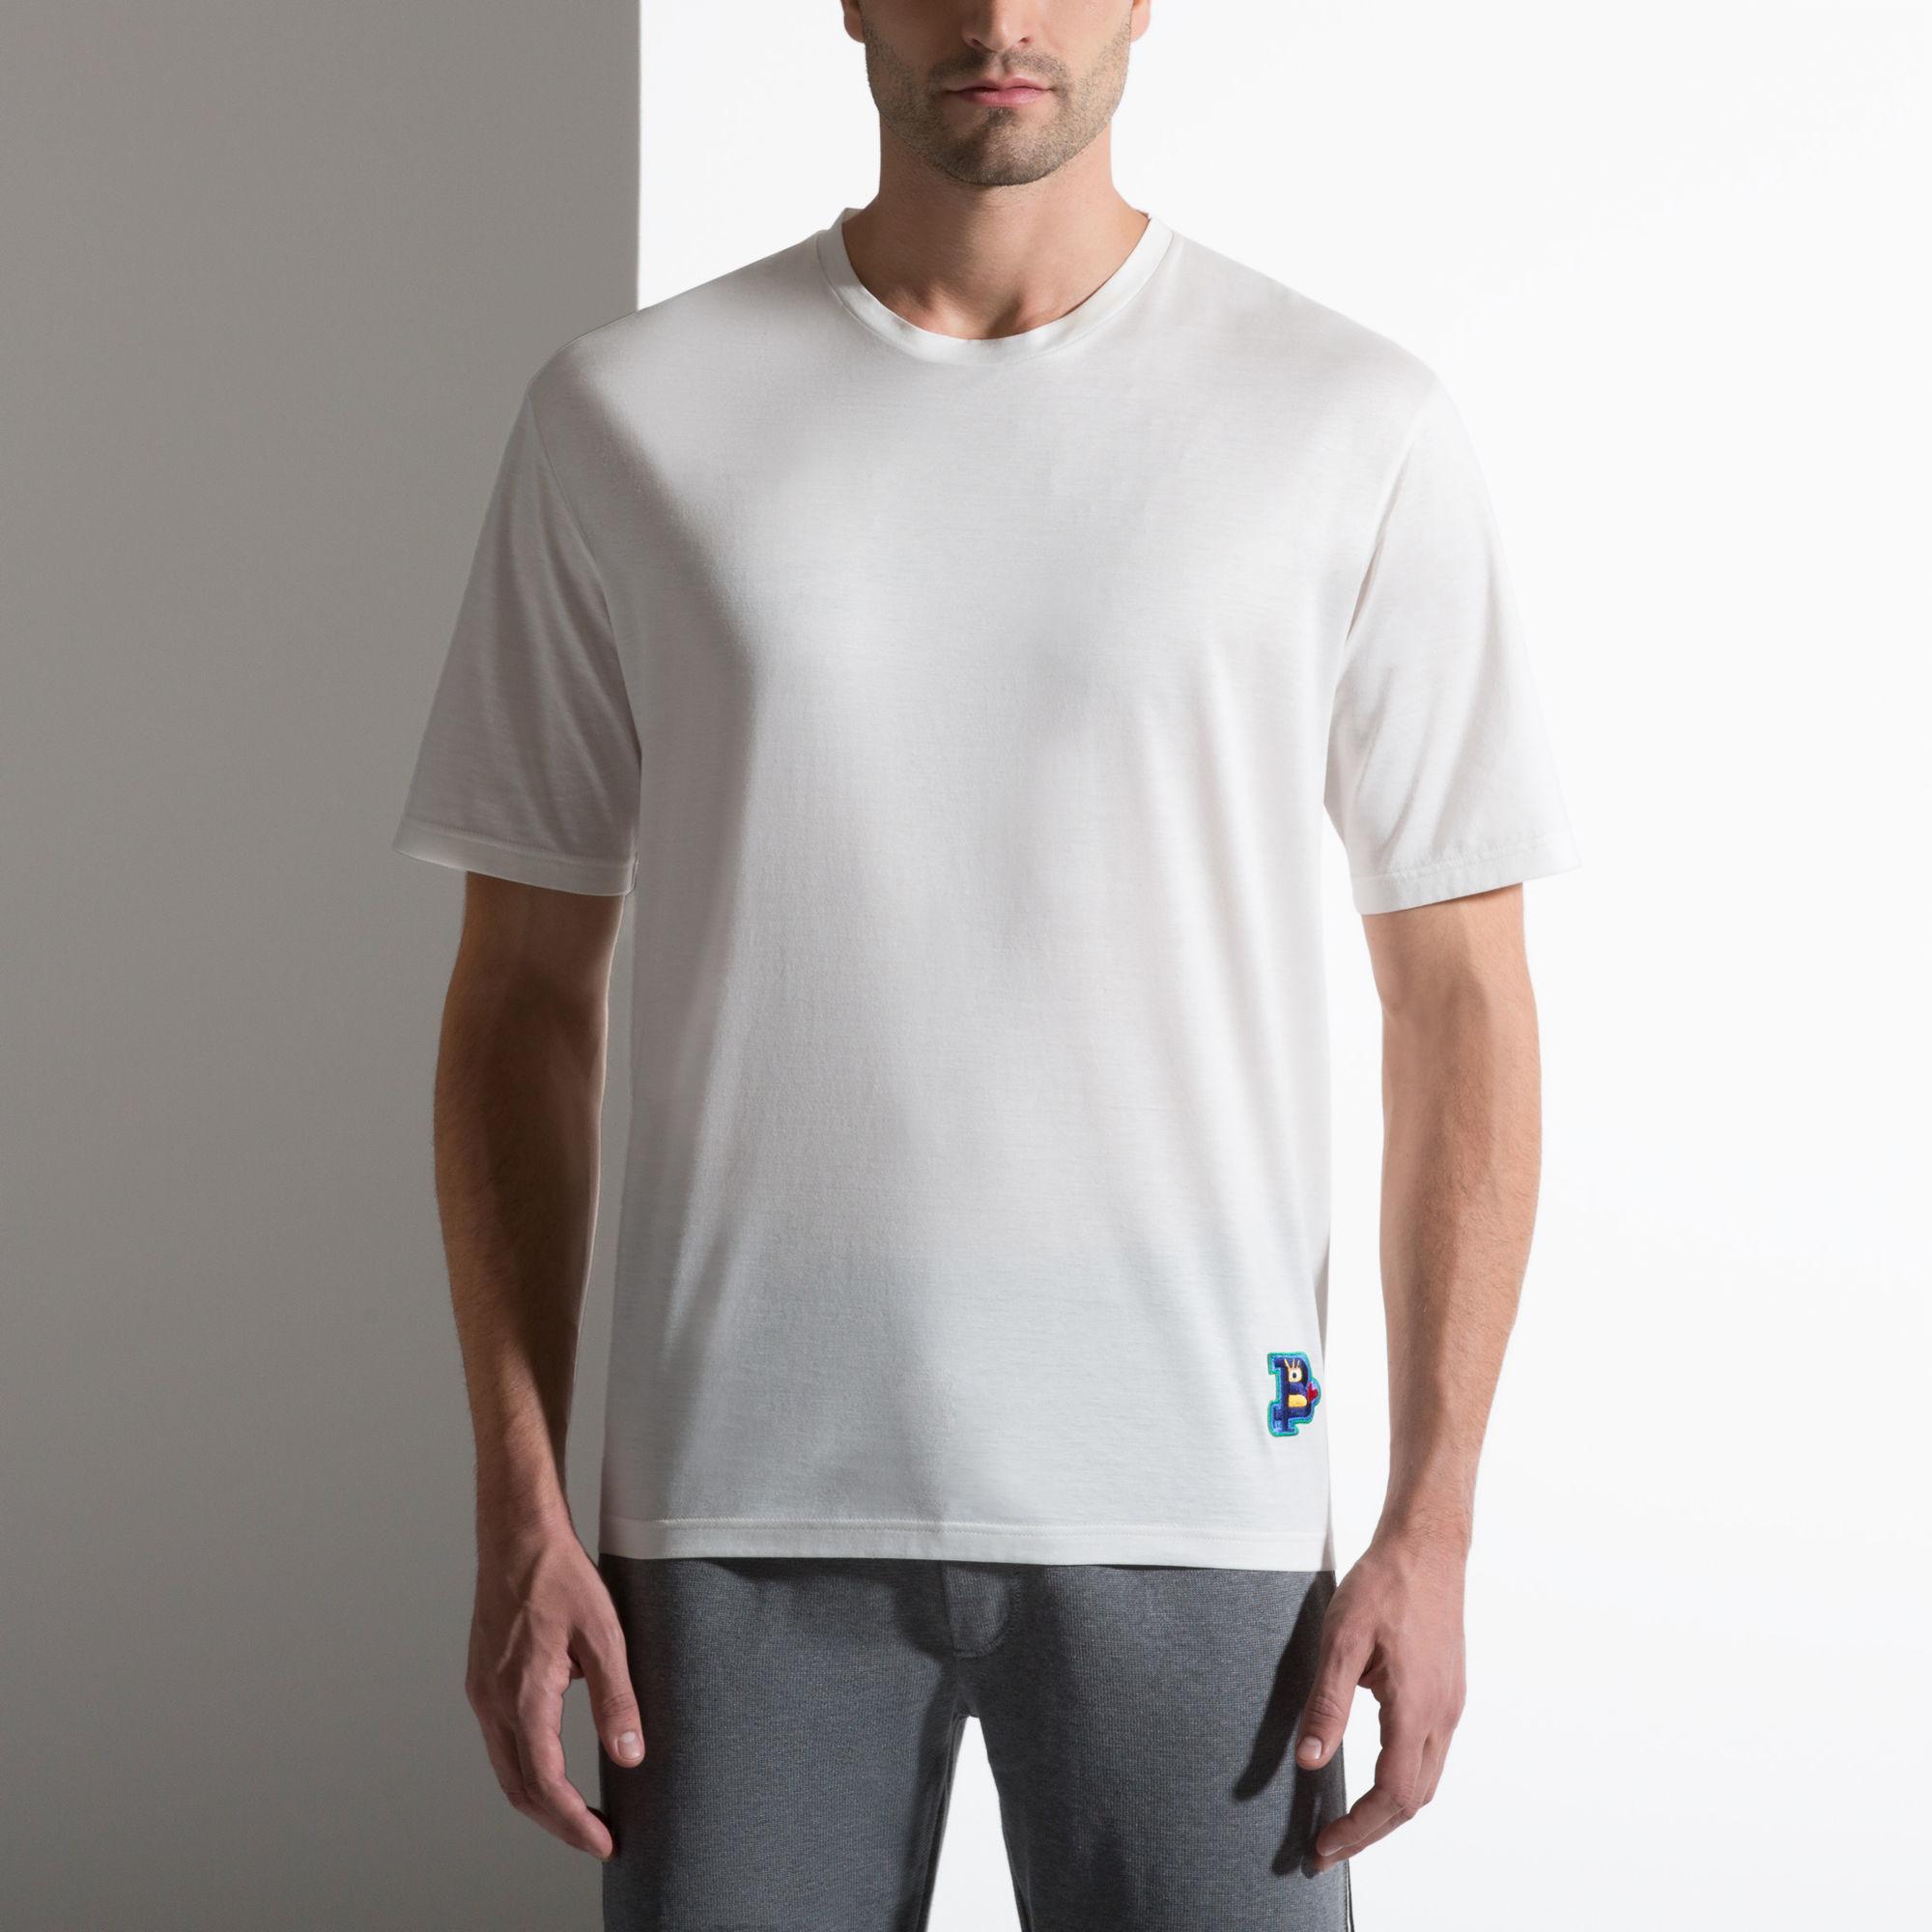 Bally Oversized T Shirt Men S T Shirt In Bone In Black